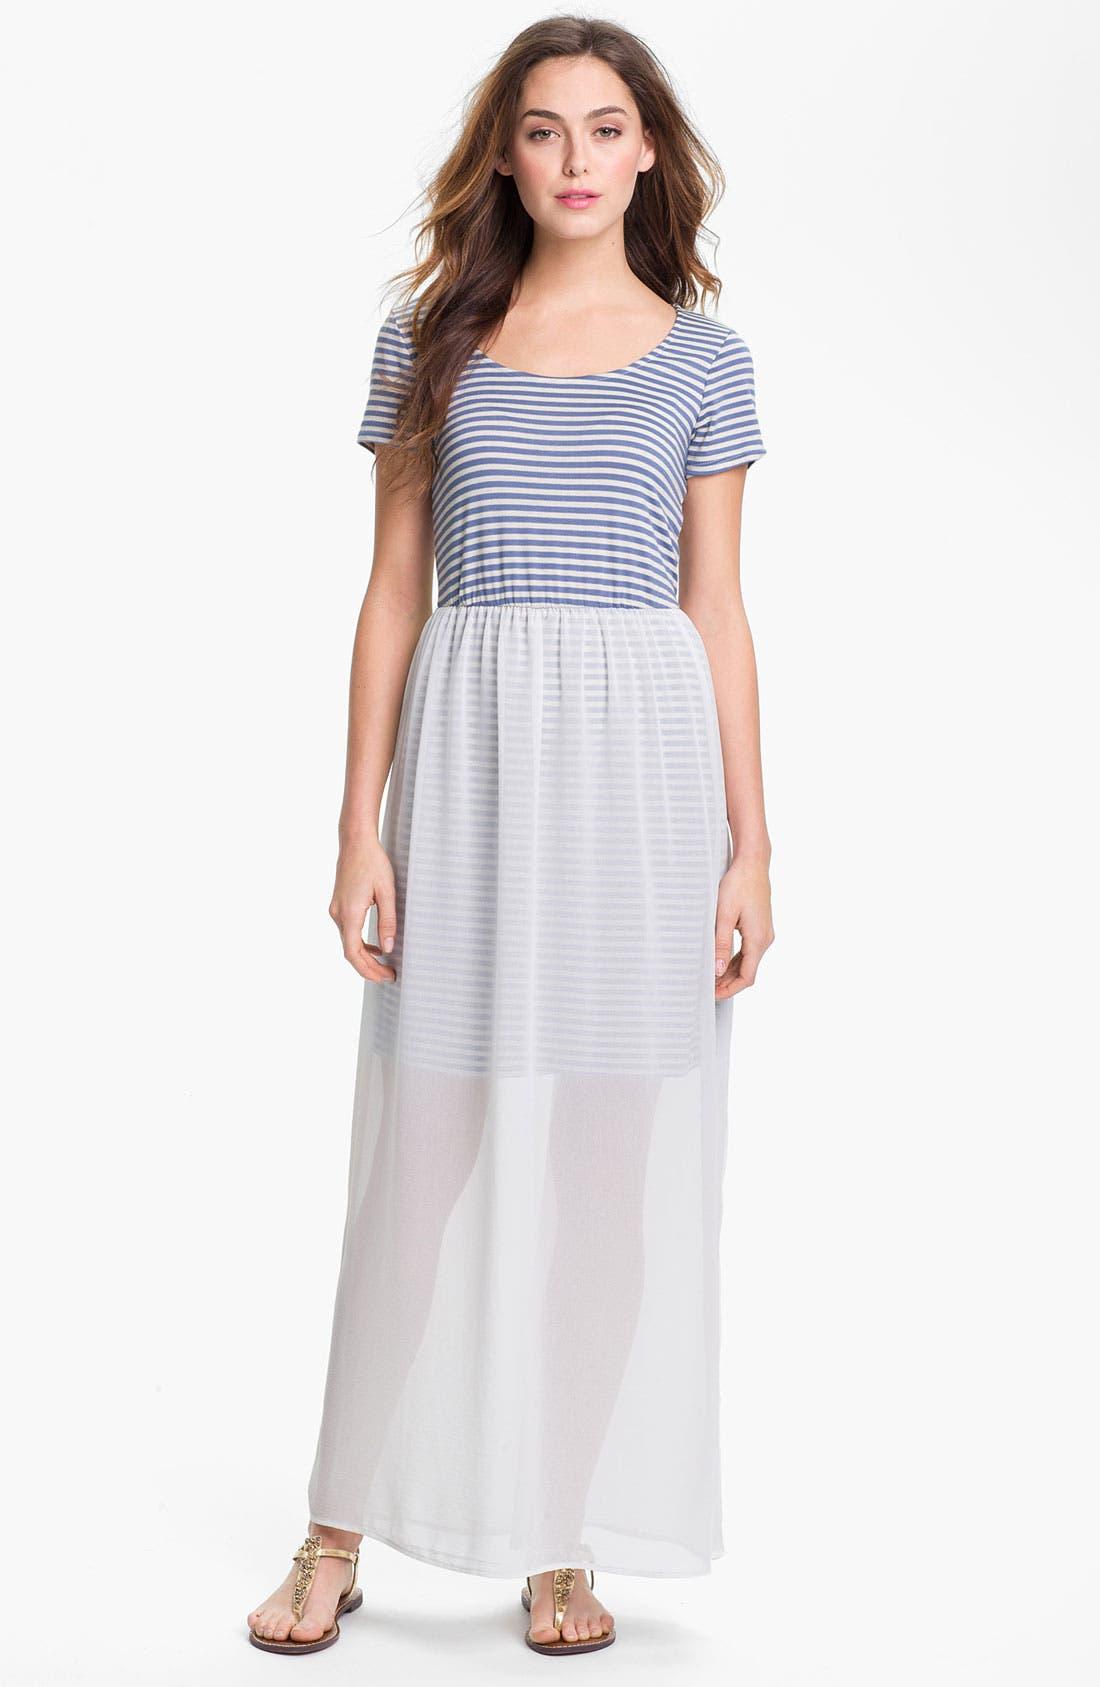 Main Image - MOD.lusive Chiffon Overlay Maxi Dress